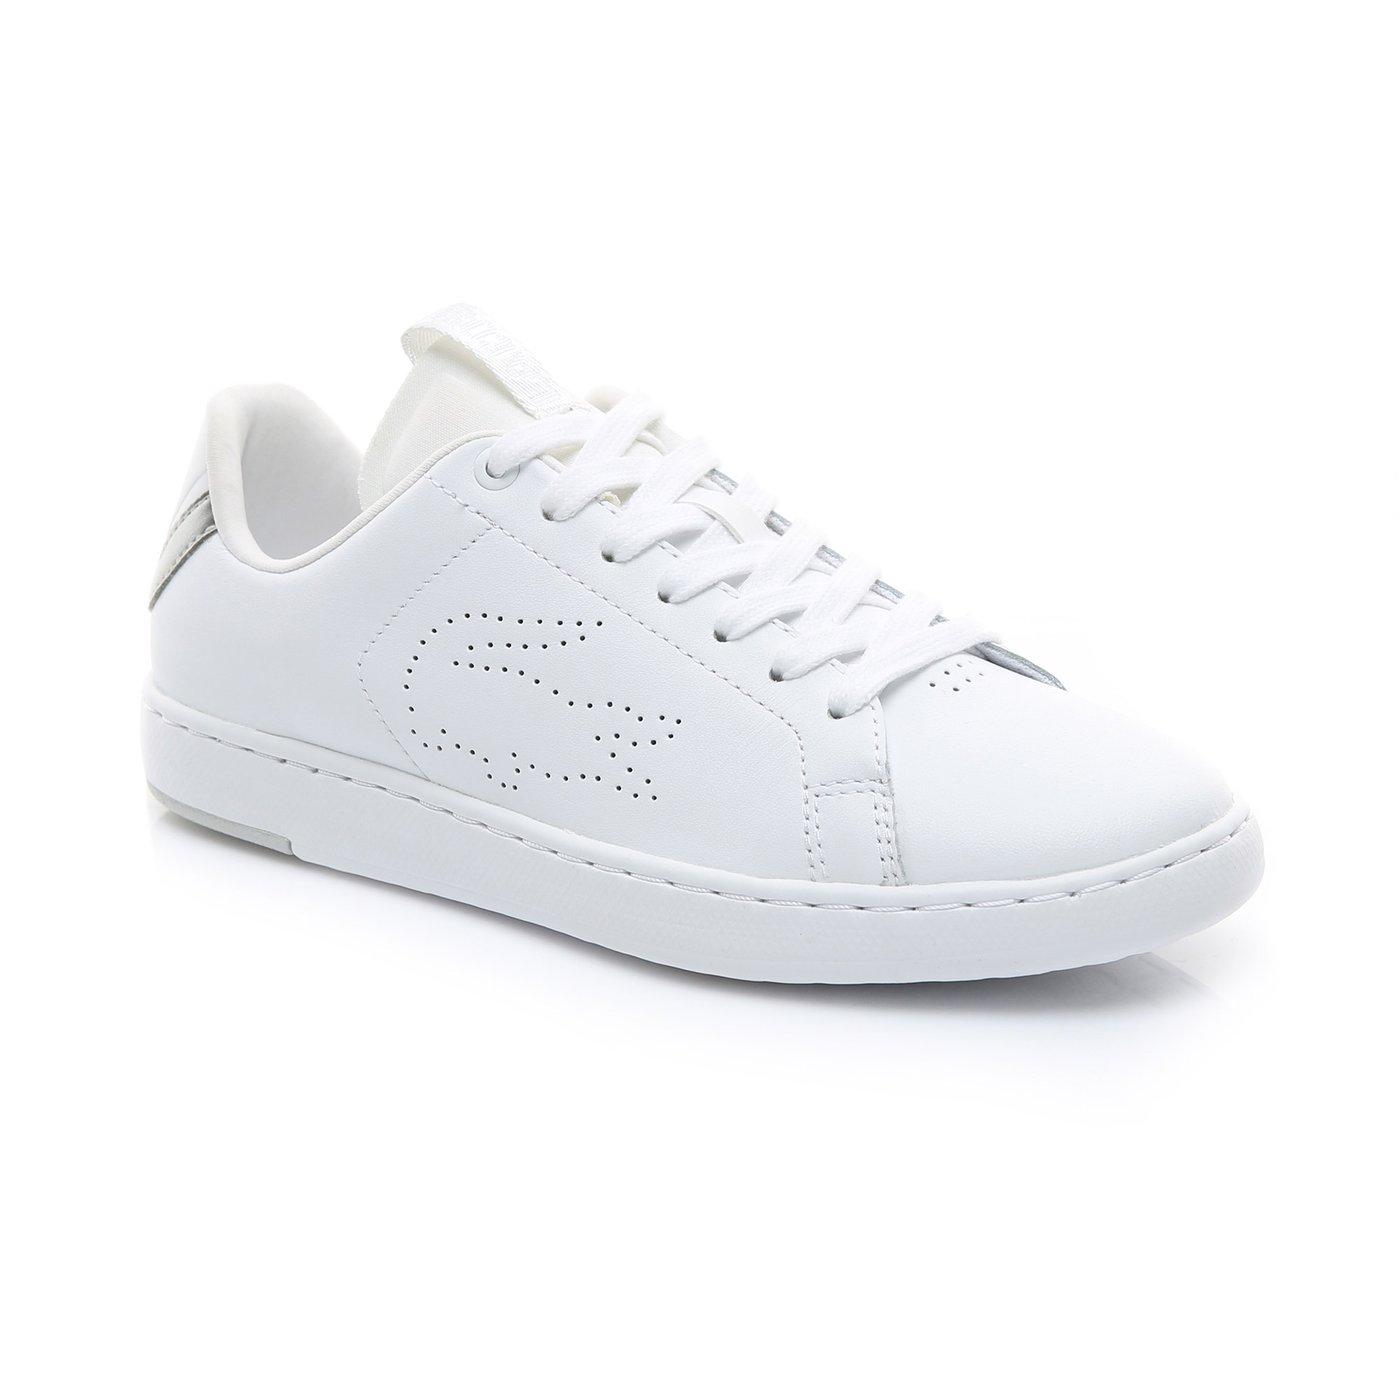 Lacoste Evara Kadın Beyaz Spor Ayakkabı